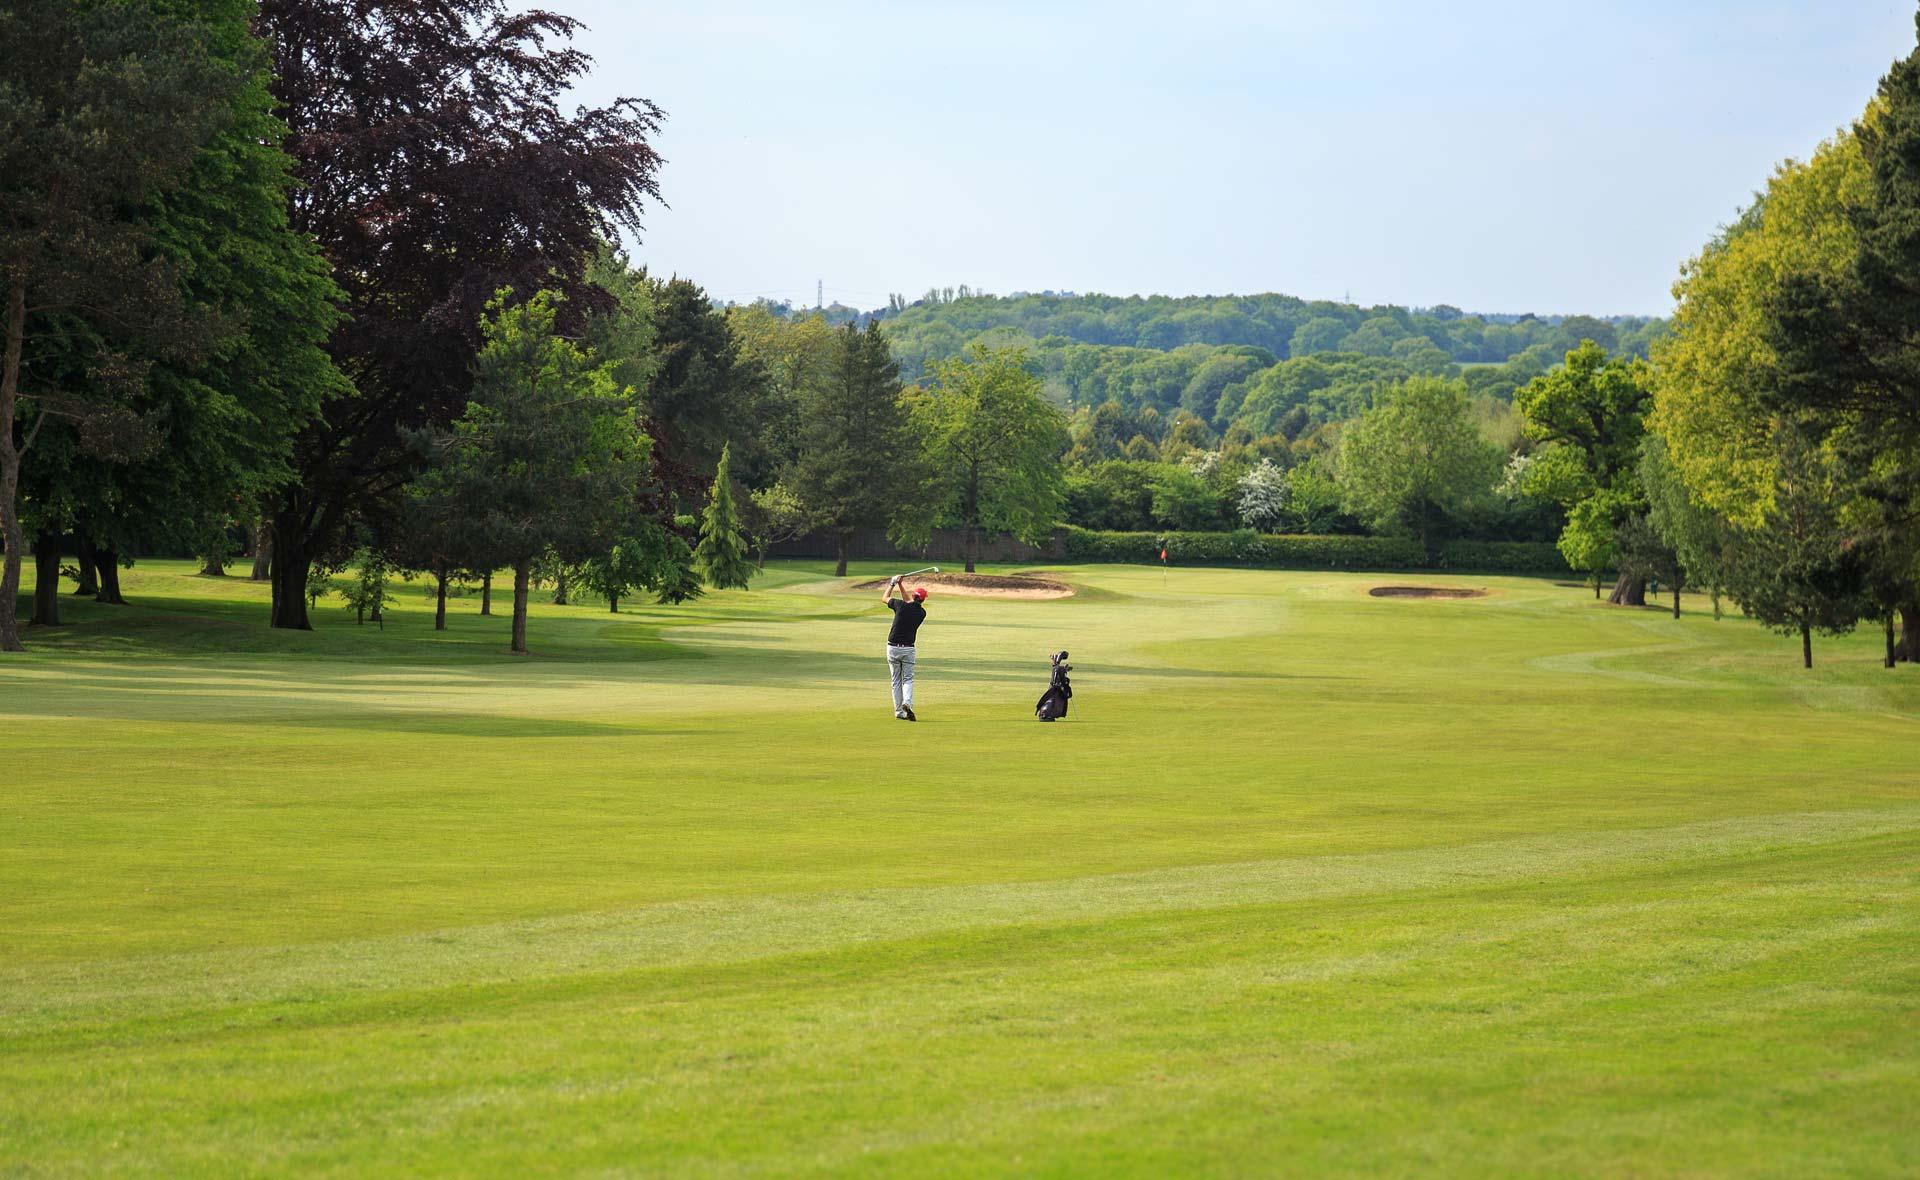 south staffordshire golf club hole 1